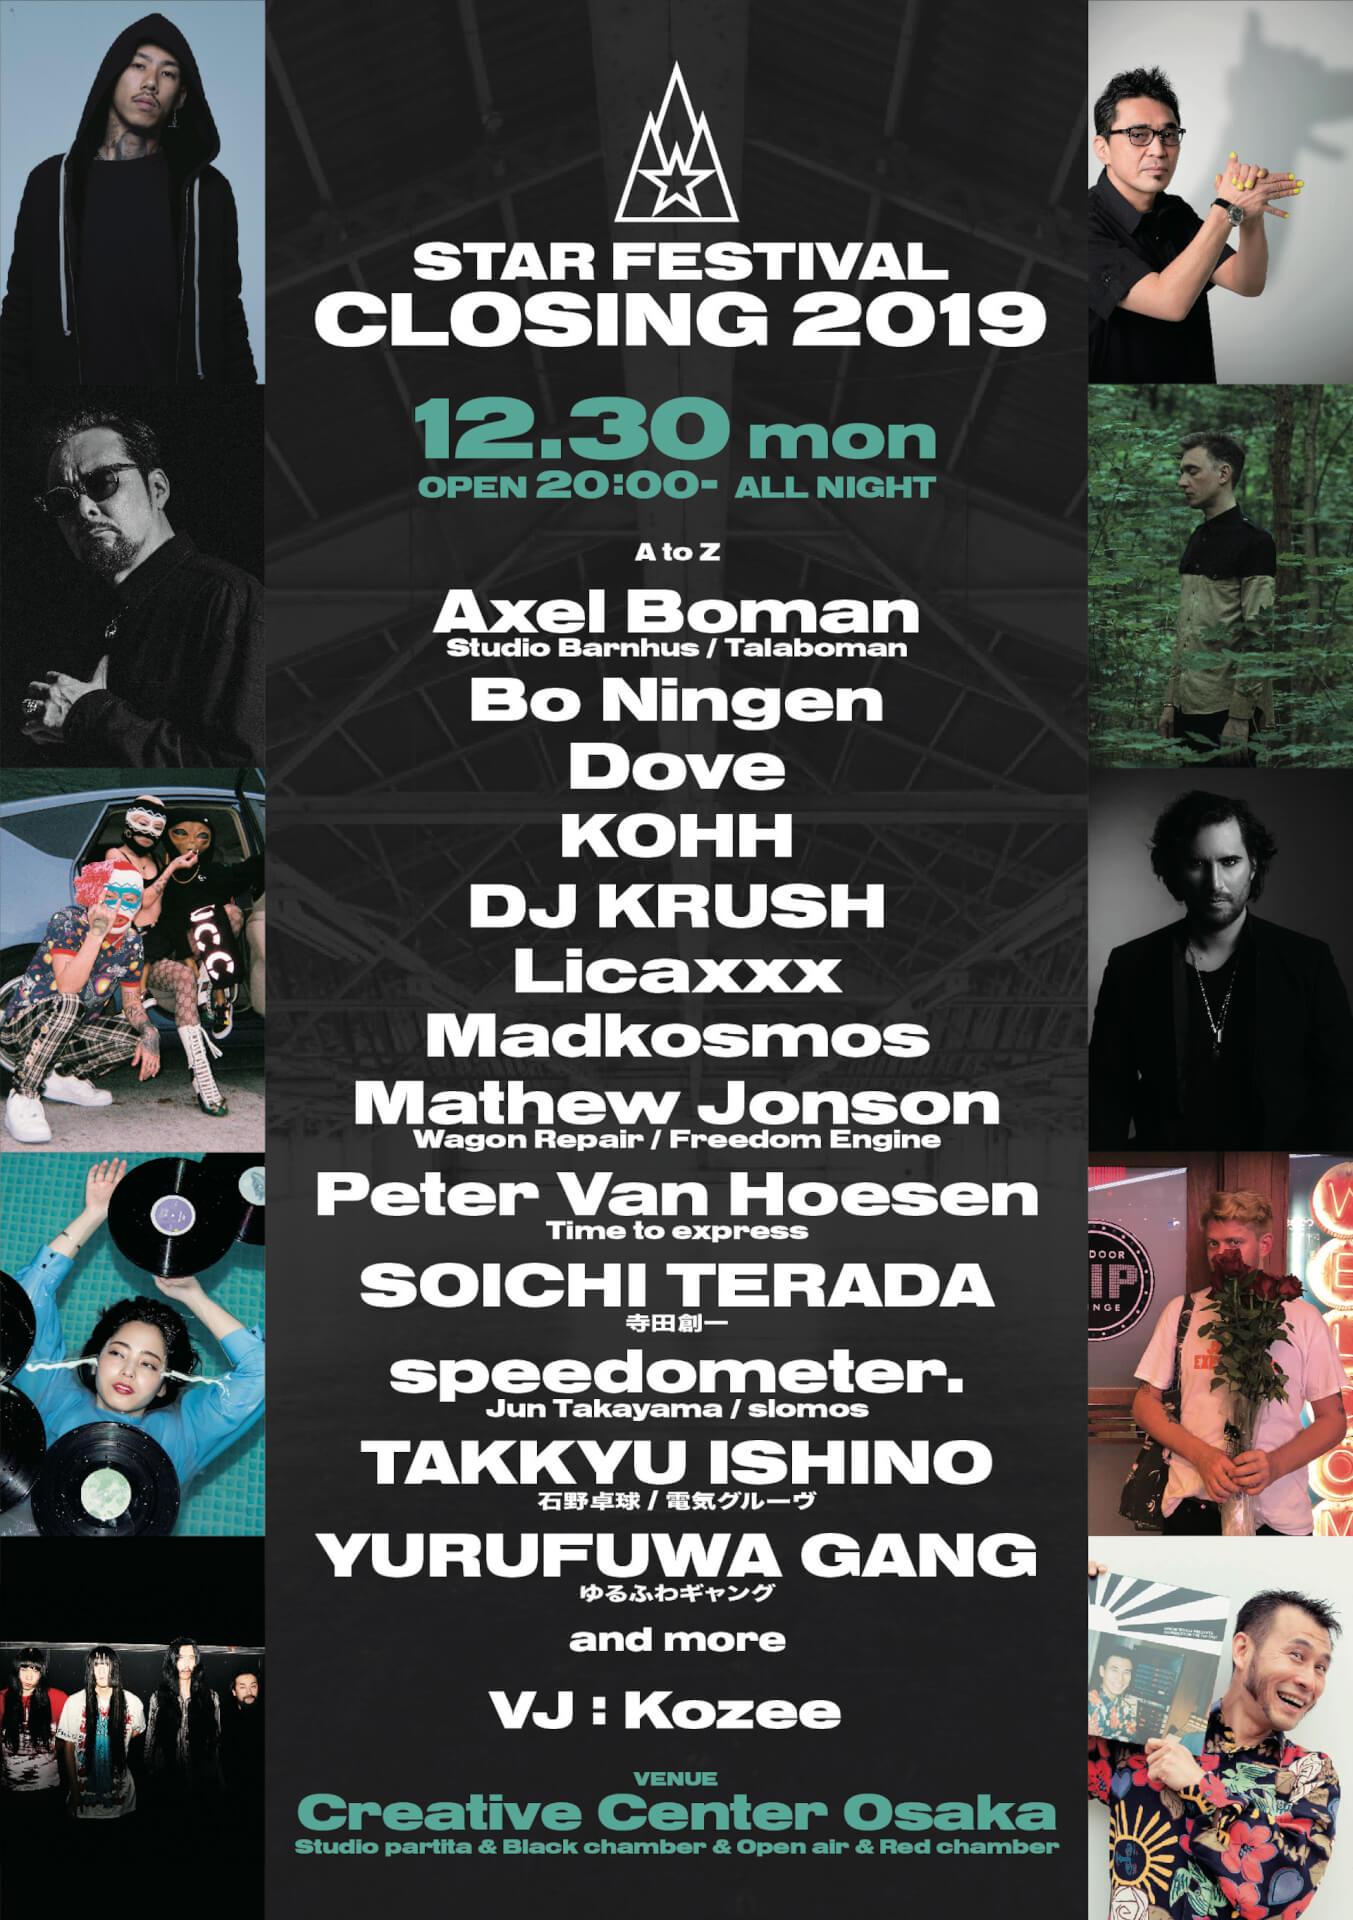 年末を締めくくるパーティー<STAR FESTIVAL CLOSING>にDJ KRUSH、Licaxxx、ゆるふわギャングらの参加が決定! music191202_starfestivalclosing_1